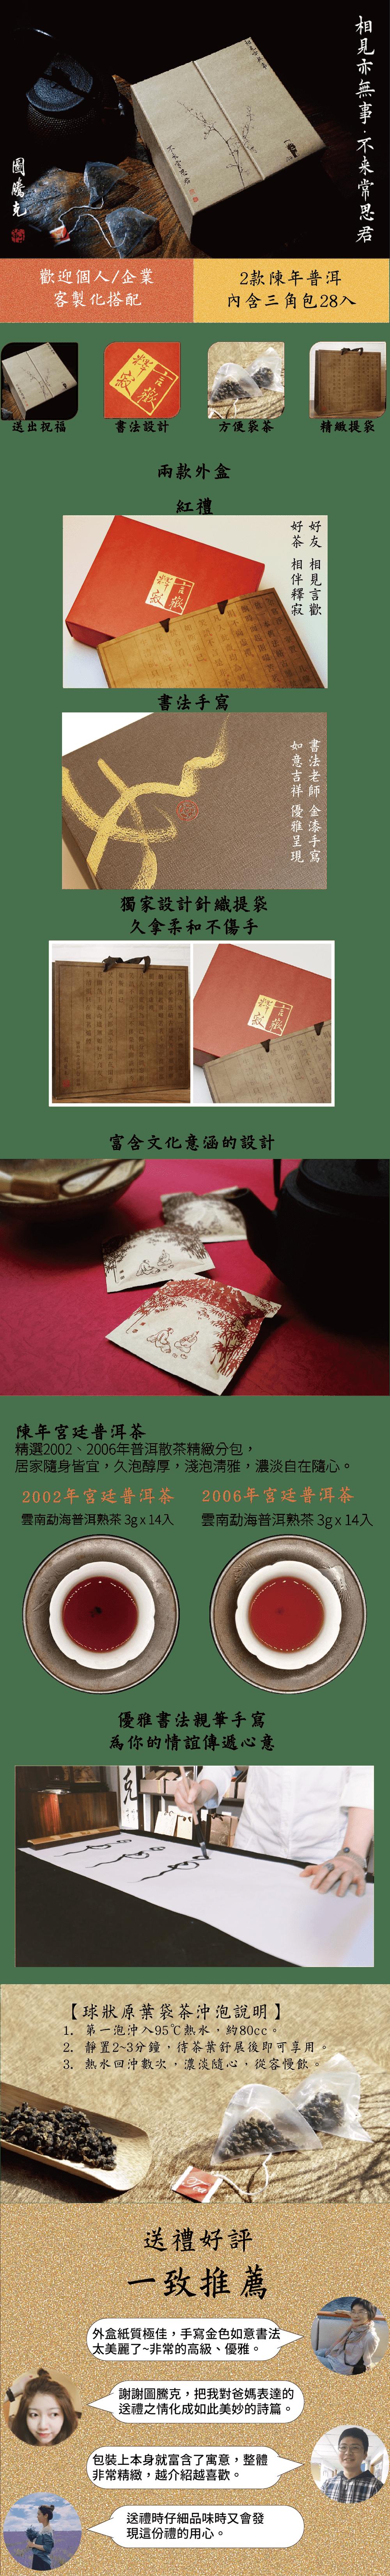 圖騰克totemker  - 相見思君茶禮盒 普洱茶